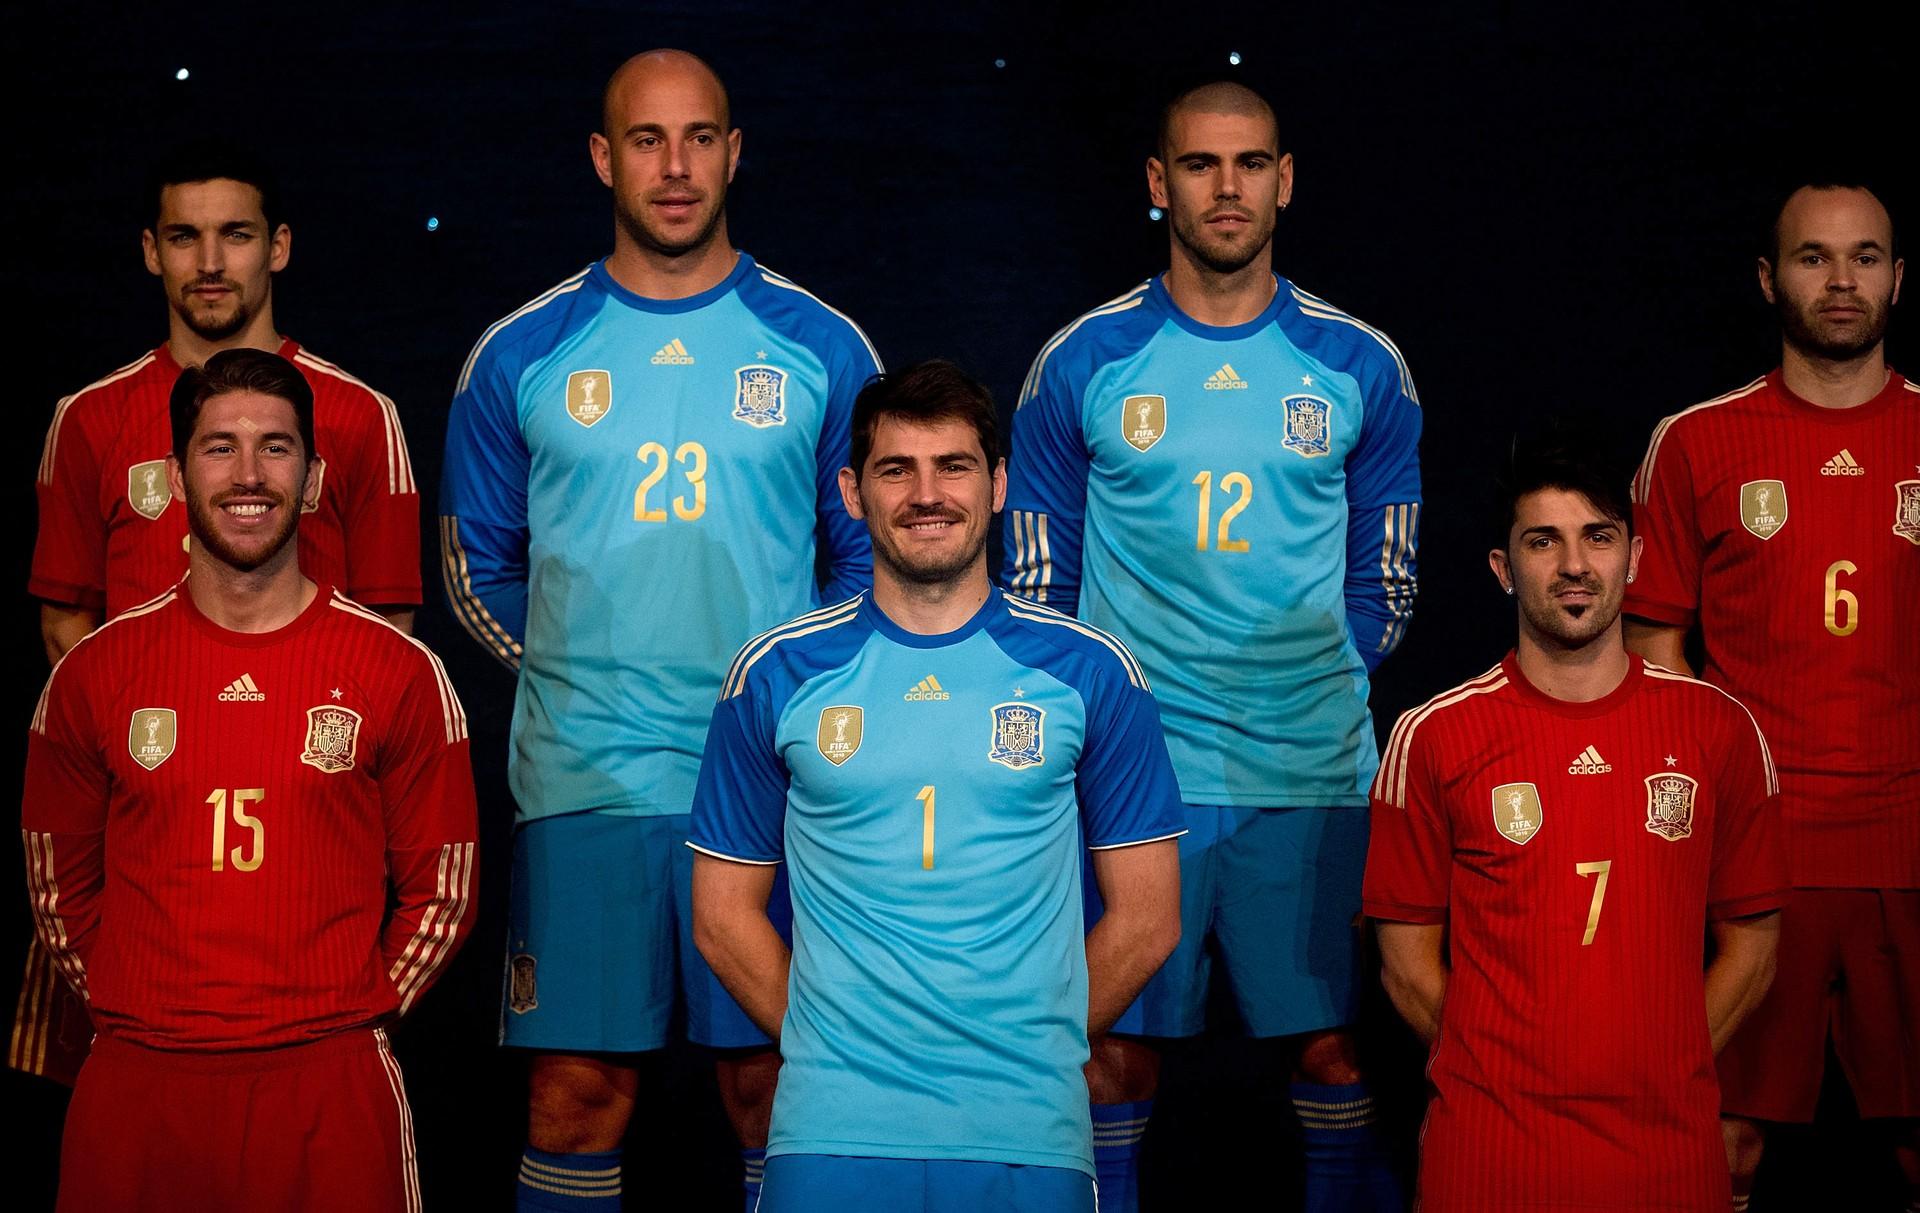 f131cf73f4 Seleção espanhola vestirá uniforme todo vermelho na Copa (Foto  Getty ...